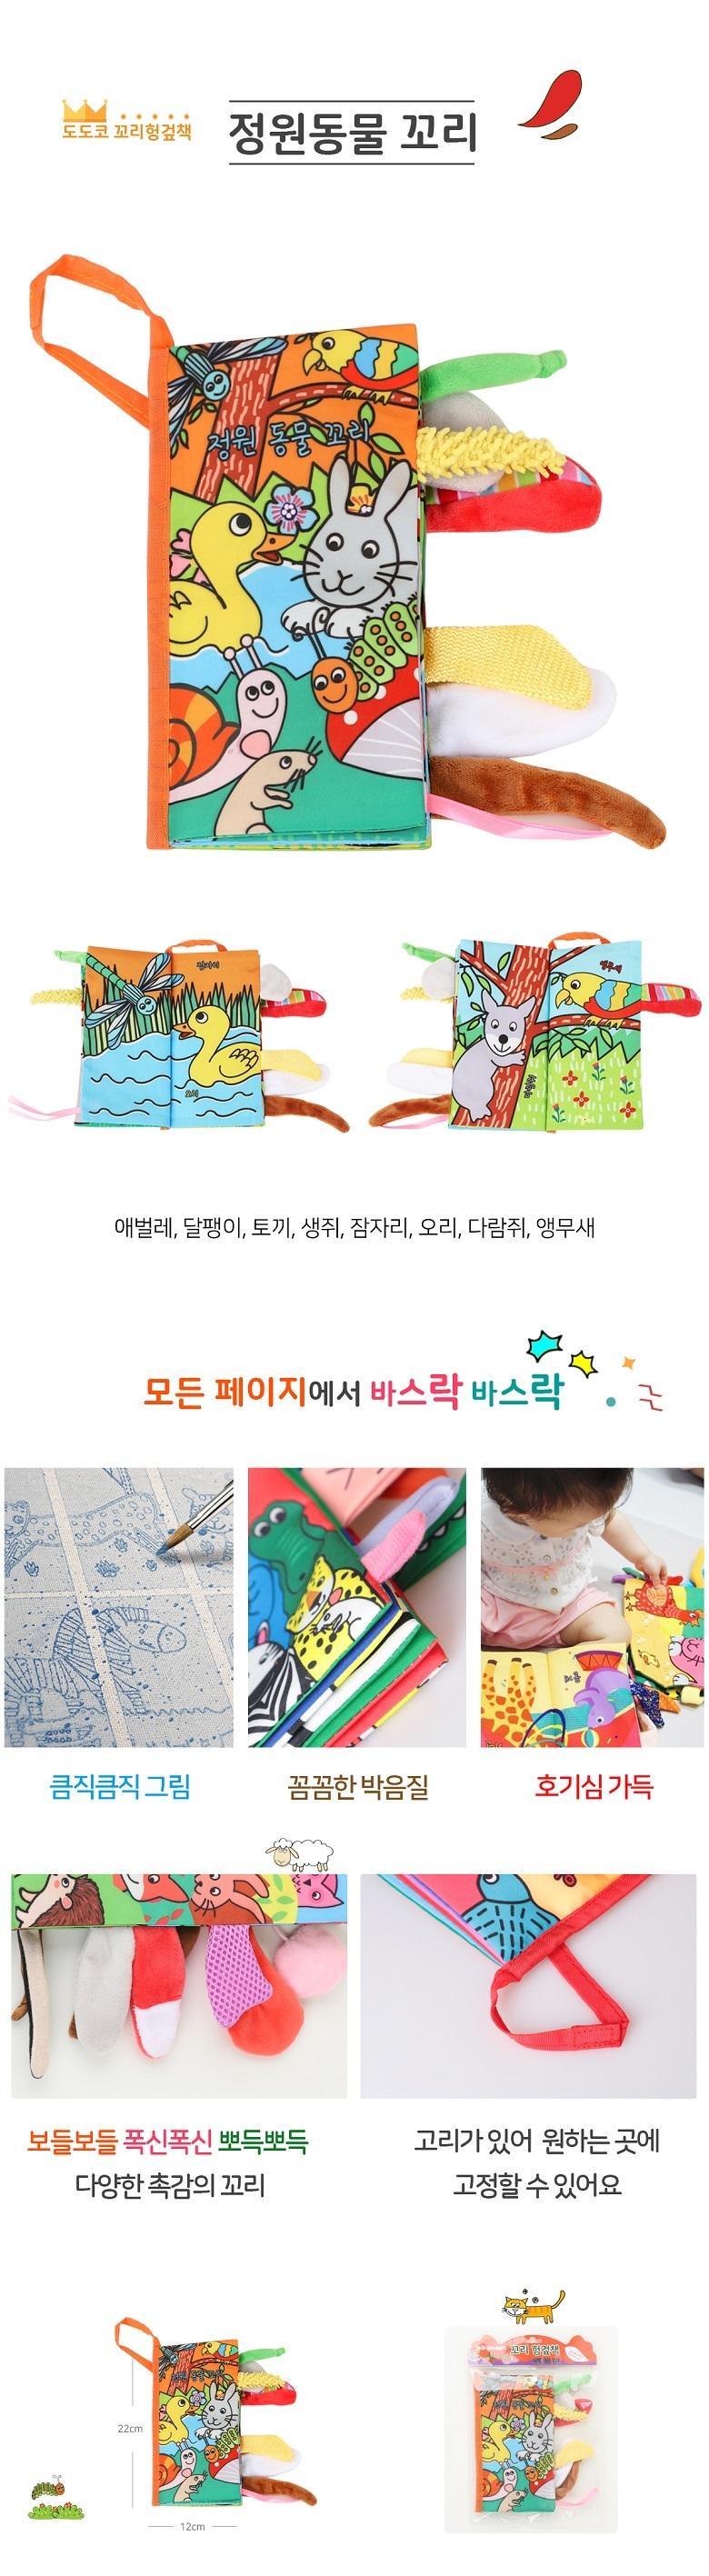 도도코 헝겊책 아기 촉감놀이 꼬리 촉감책 정원동물 꼬리 - 도도코, 18,000원, 교육완구, 역할놀이완구